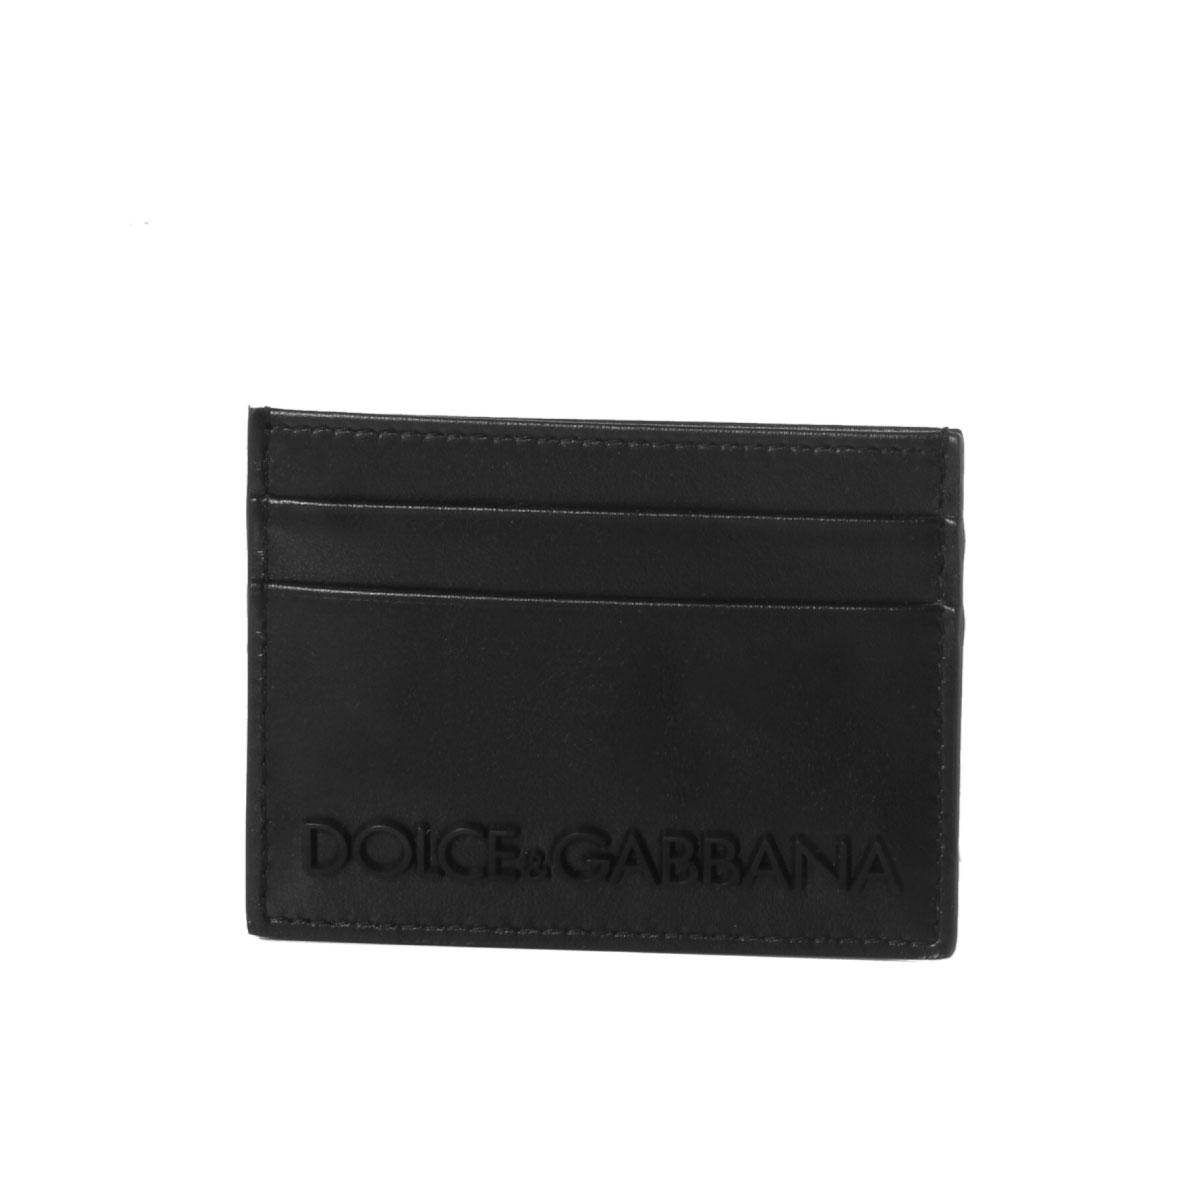 ドルチェアンドガッバーナ DOLCE&GABBANA カードケース メンズ BP0330 AZ106 8B956 NERO/NERO ブラック